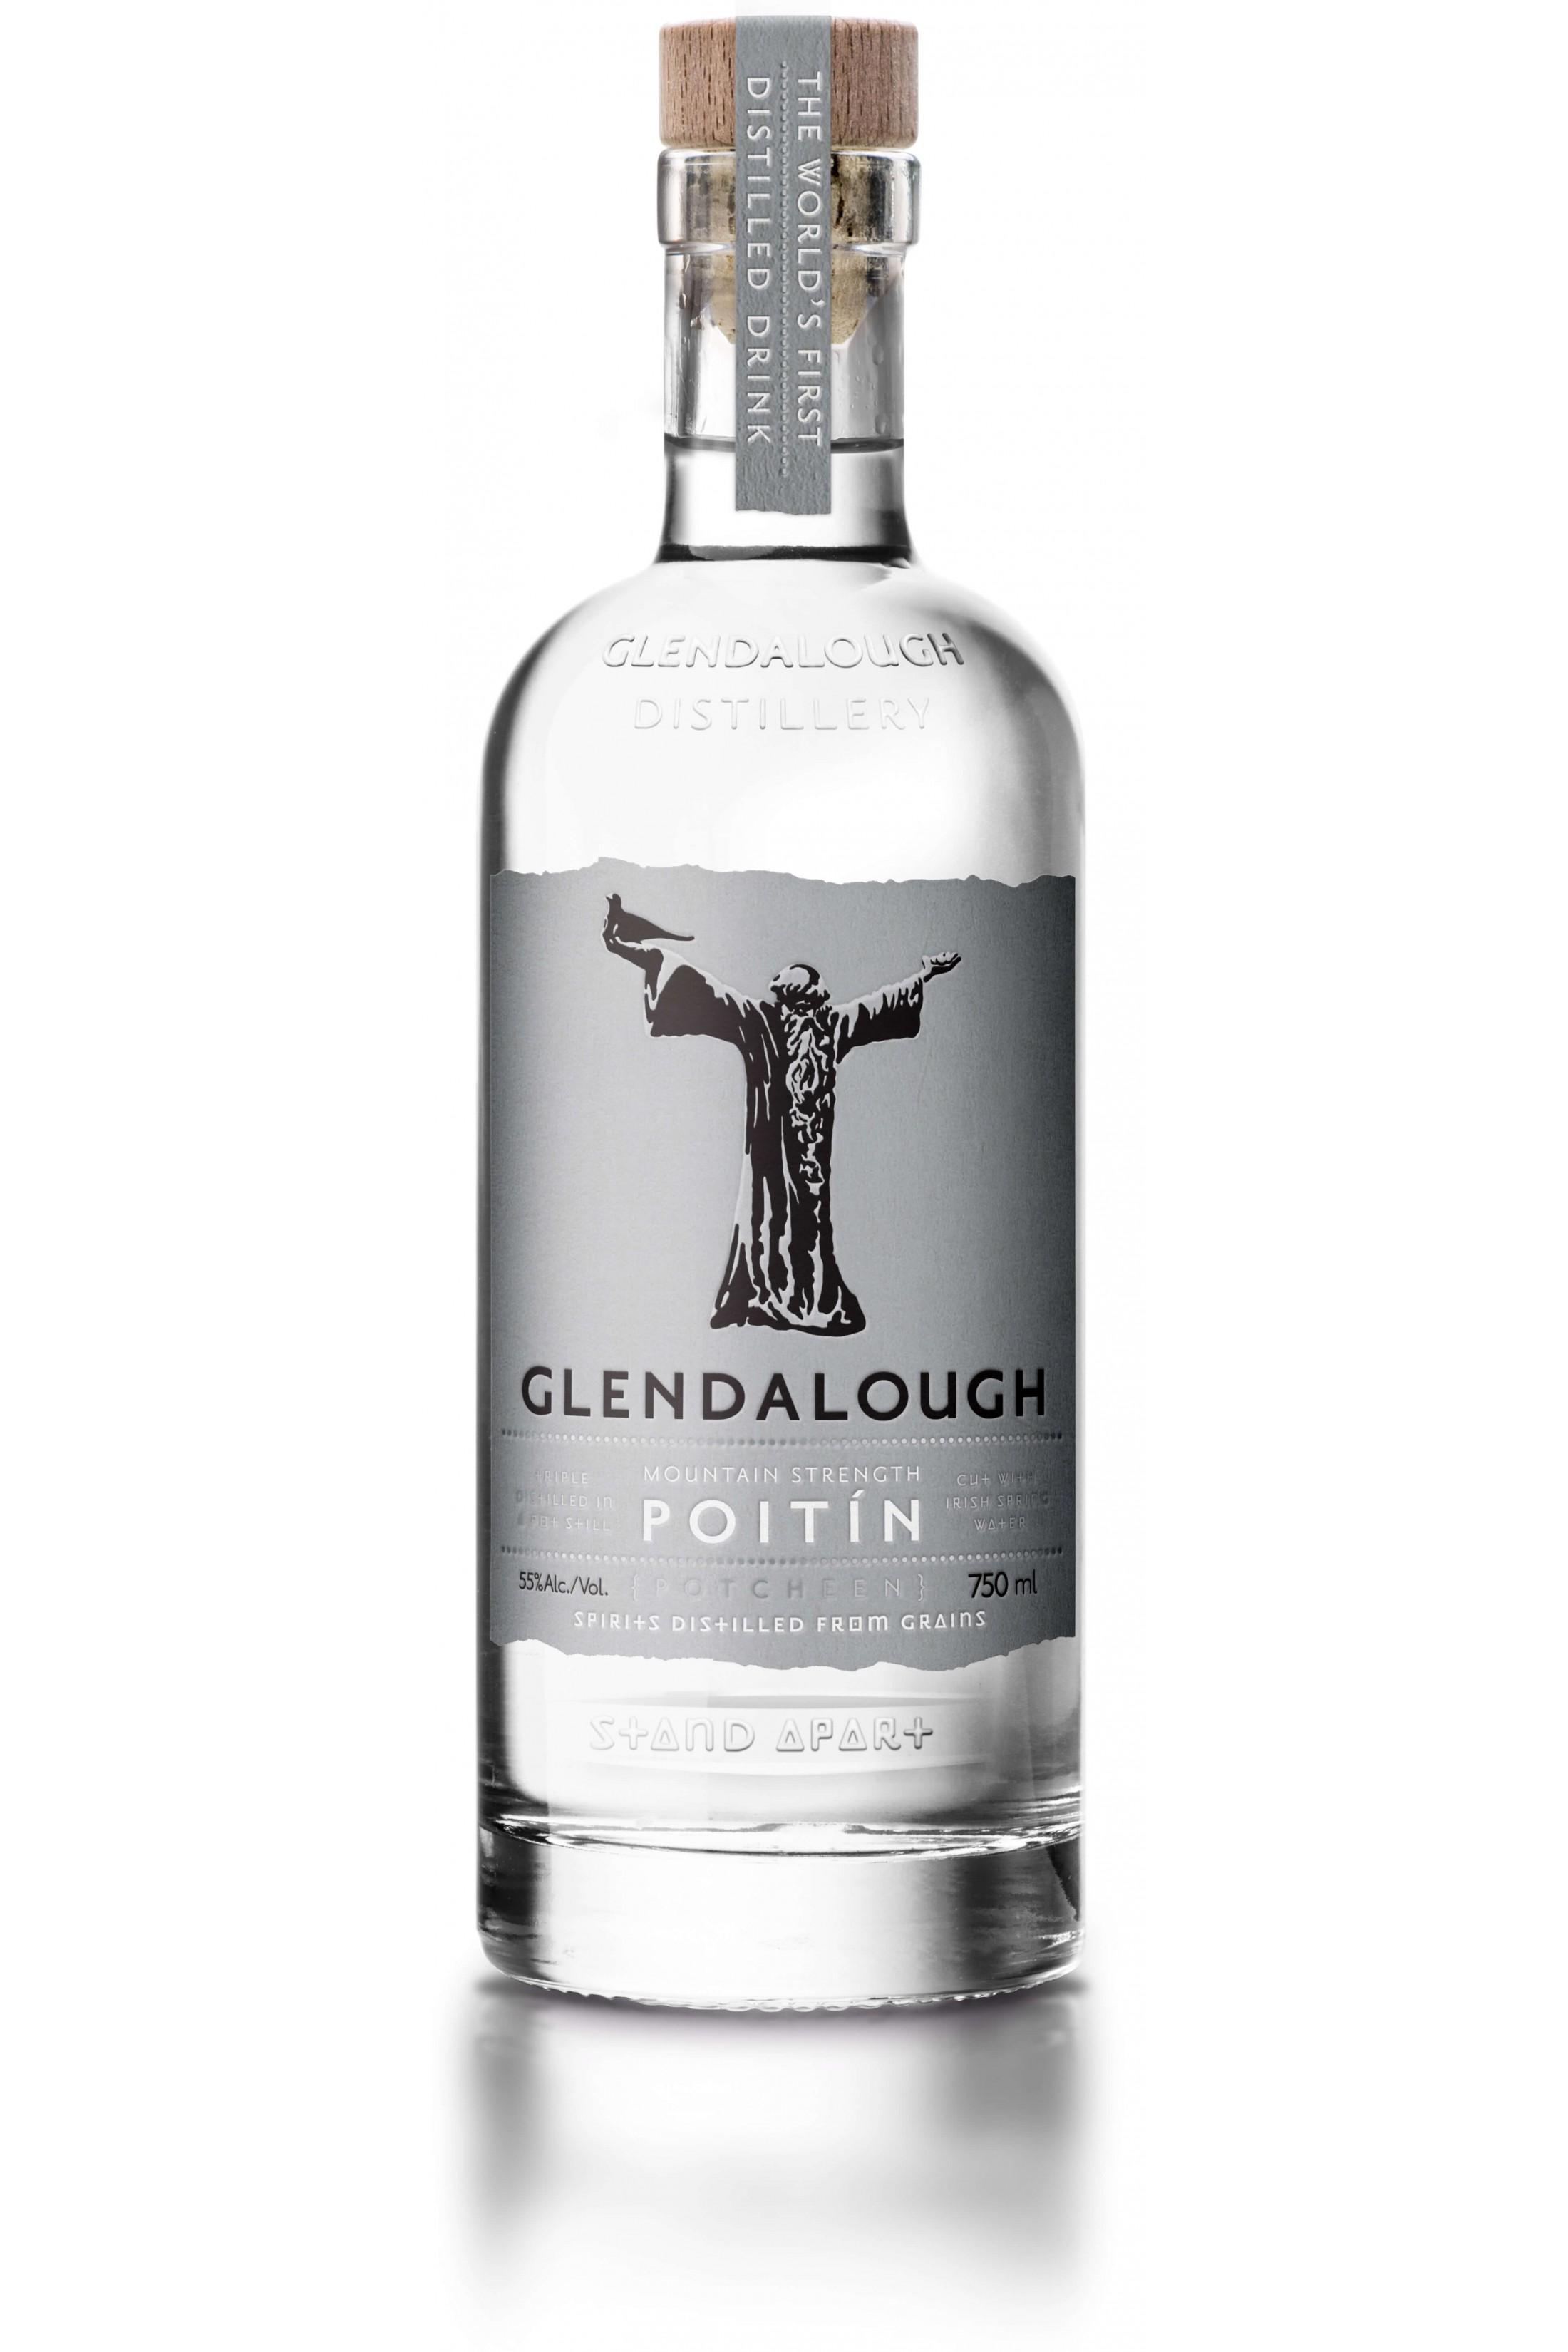 Glendalough Poitin